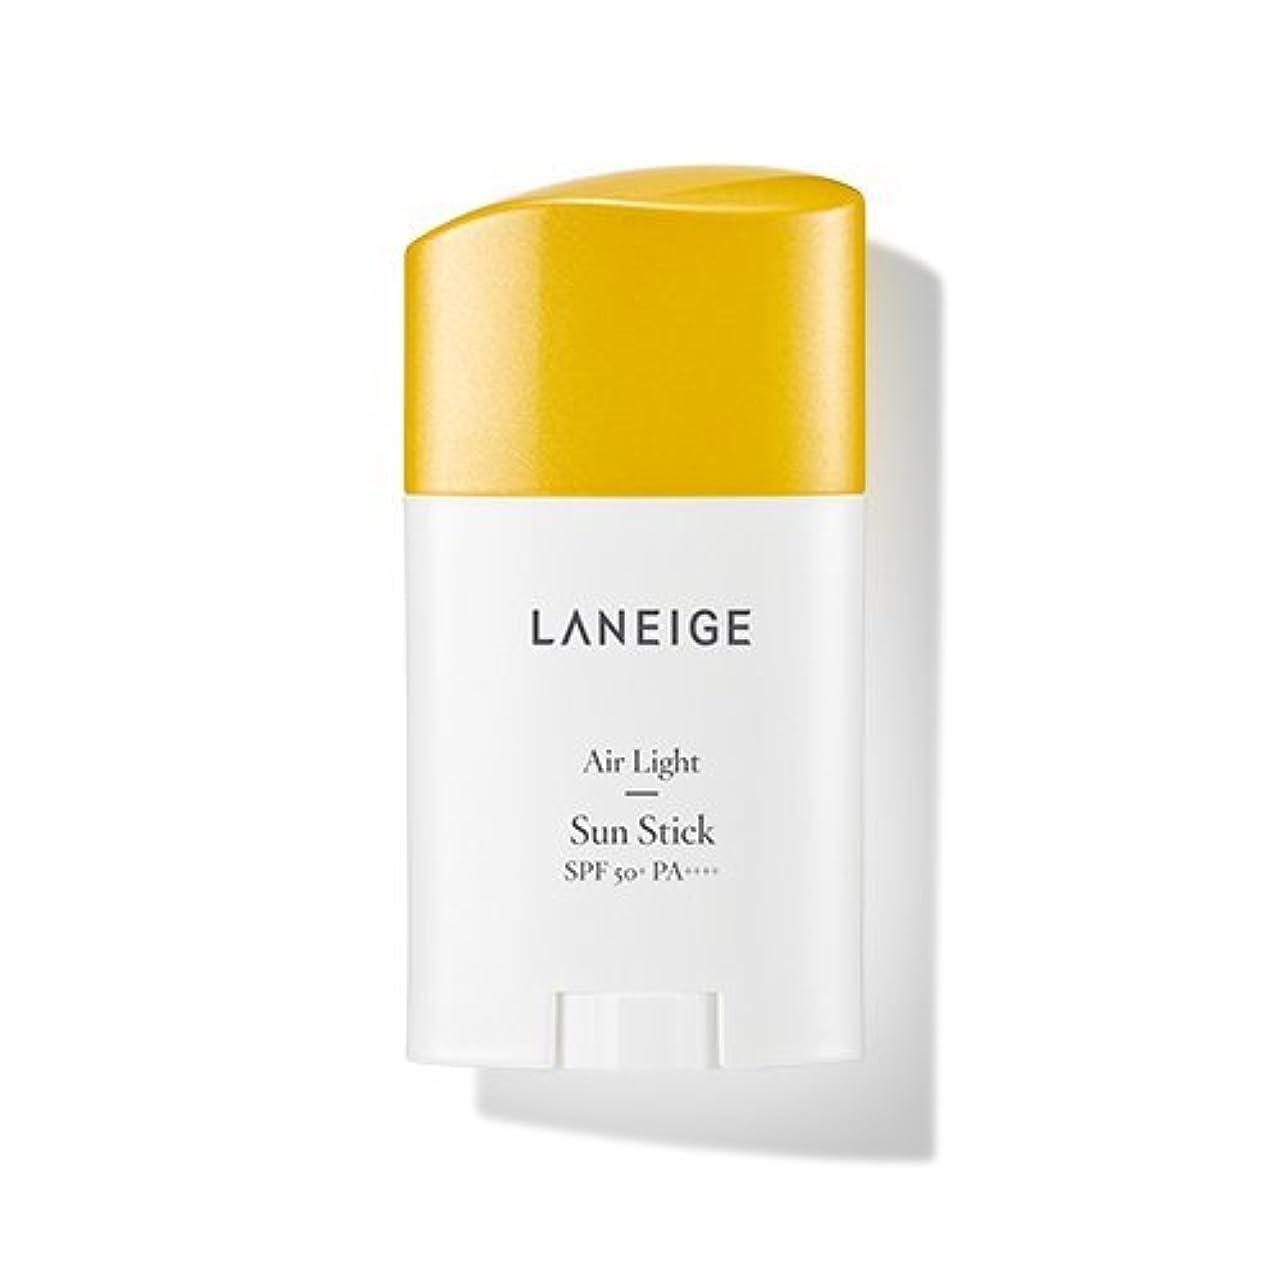 大通り味付け葬儀ラネージュ(LANEIGE) エアライト?サンスティック Air Light Sun Stick SPF50 PA+++ 26g